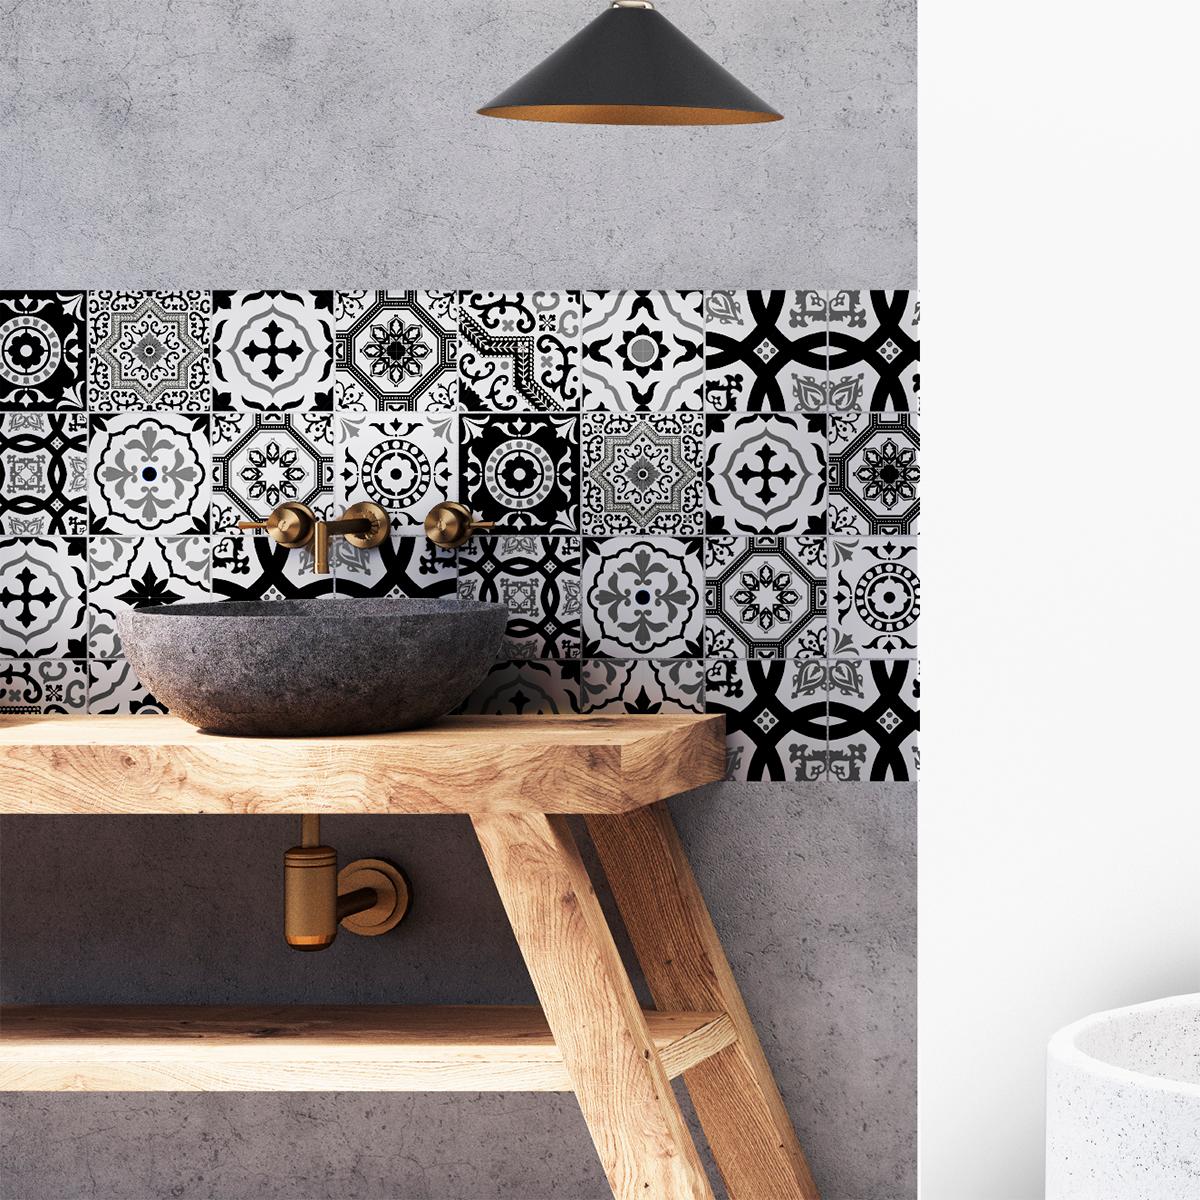 16 stickers carrelages azulejos modernes nuance noir et blanc art et design - Nuance et decoration ...